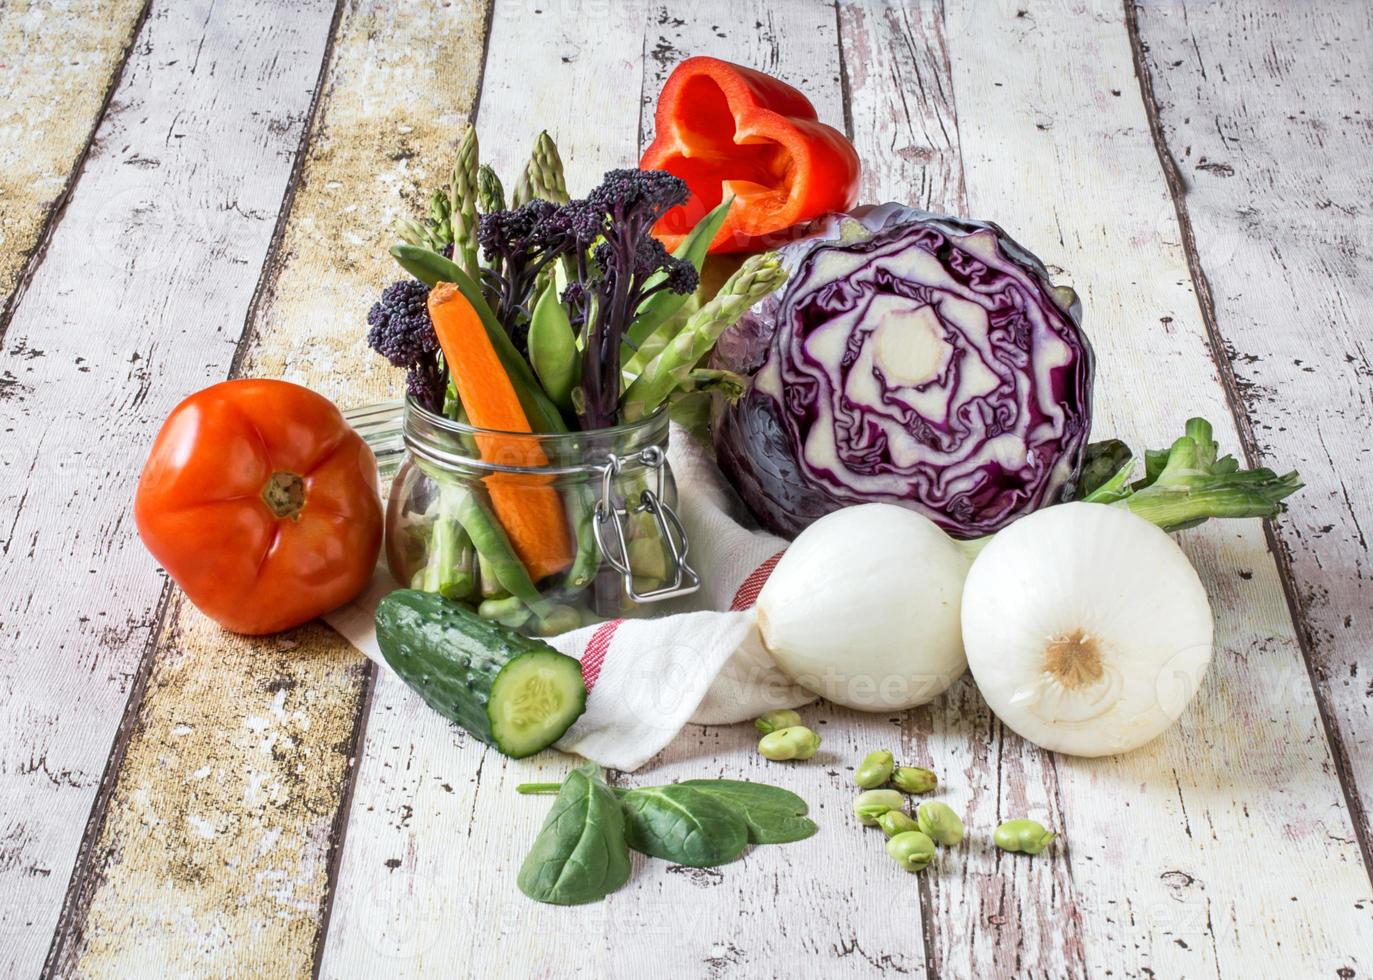 manger sainement des légumes frais photo